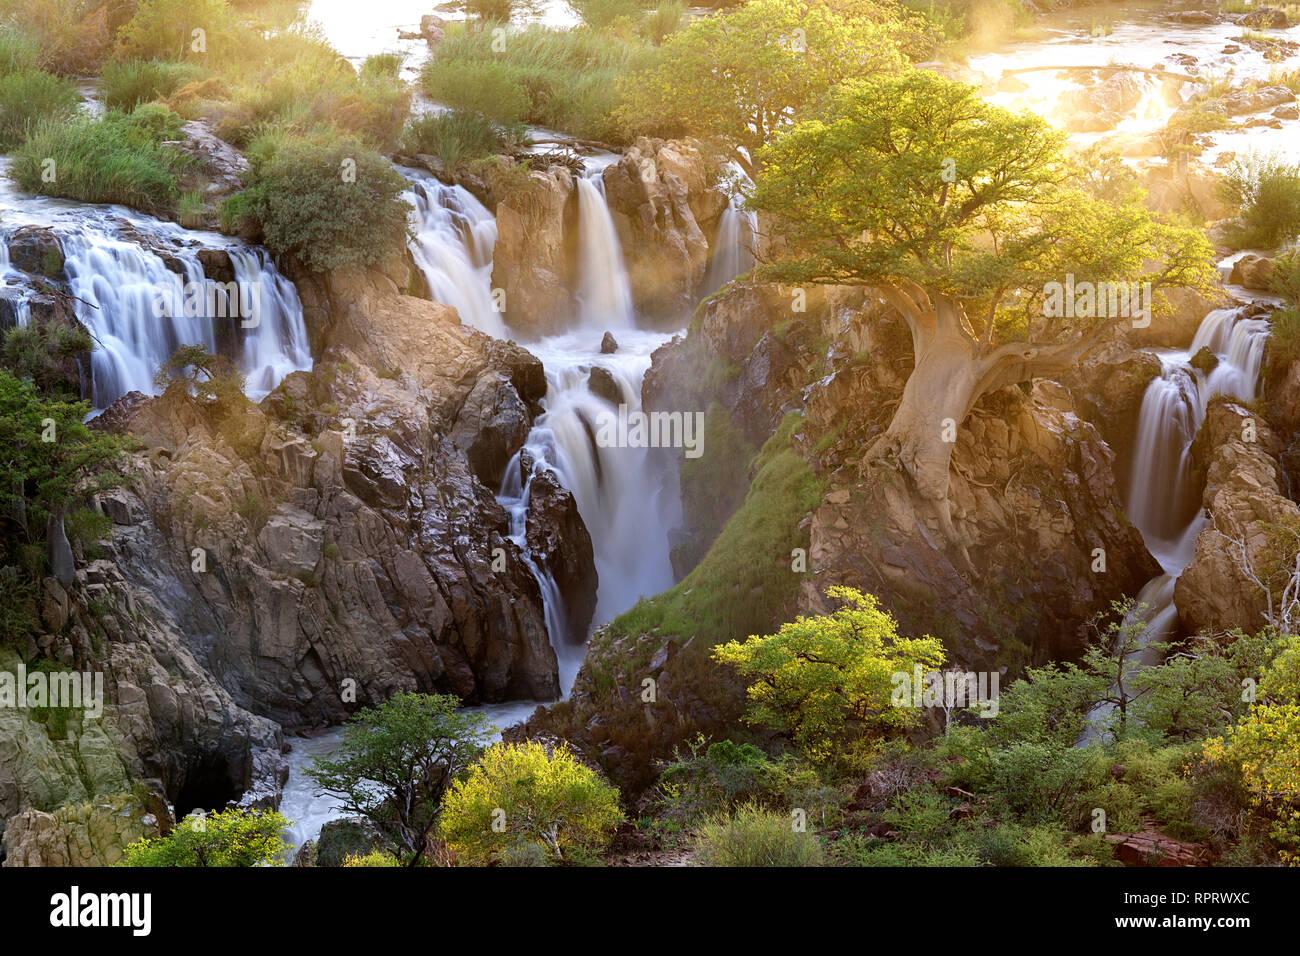 Epupa Falls at Sunrise, Kunene Region, Namibia - Stock Image